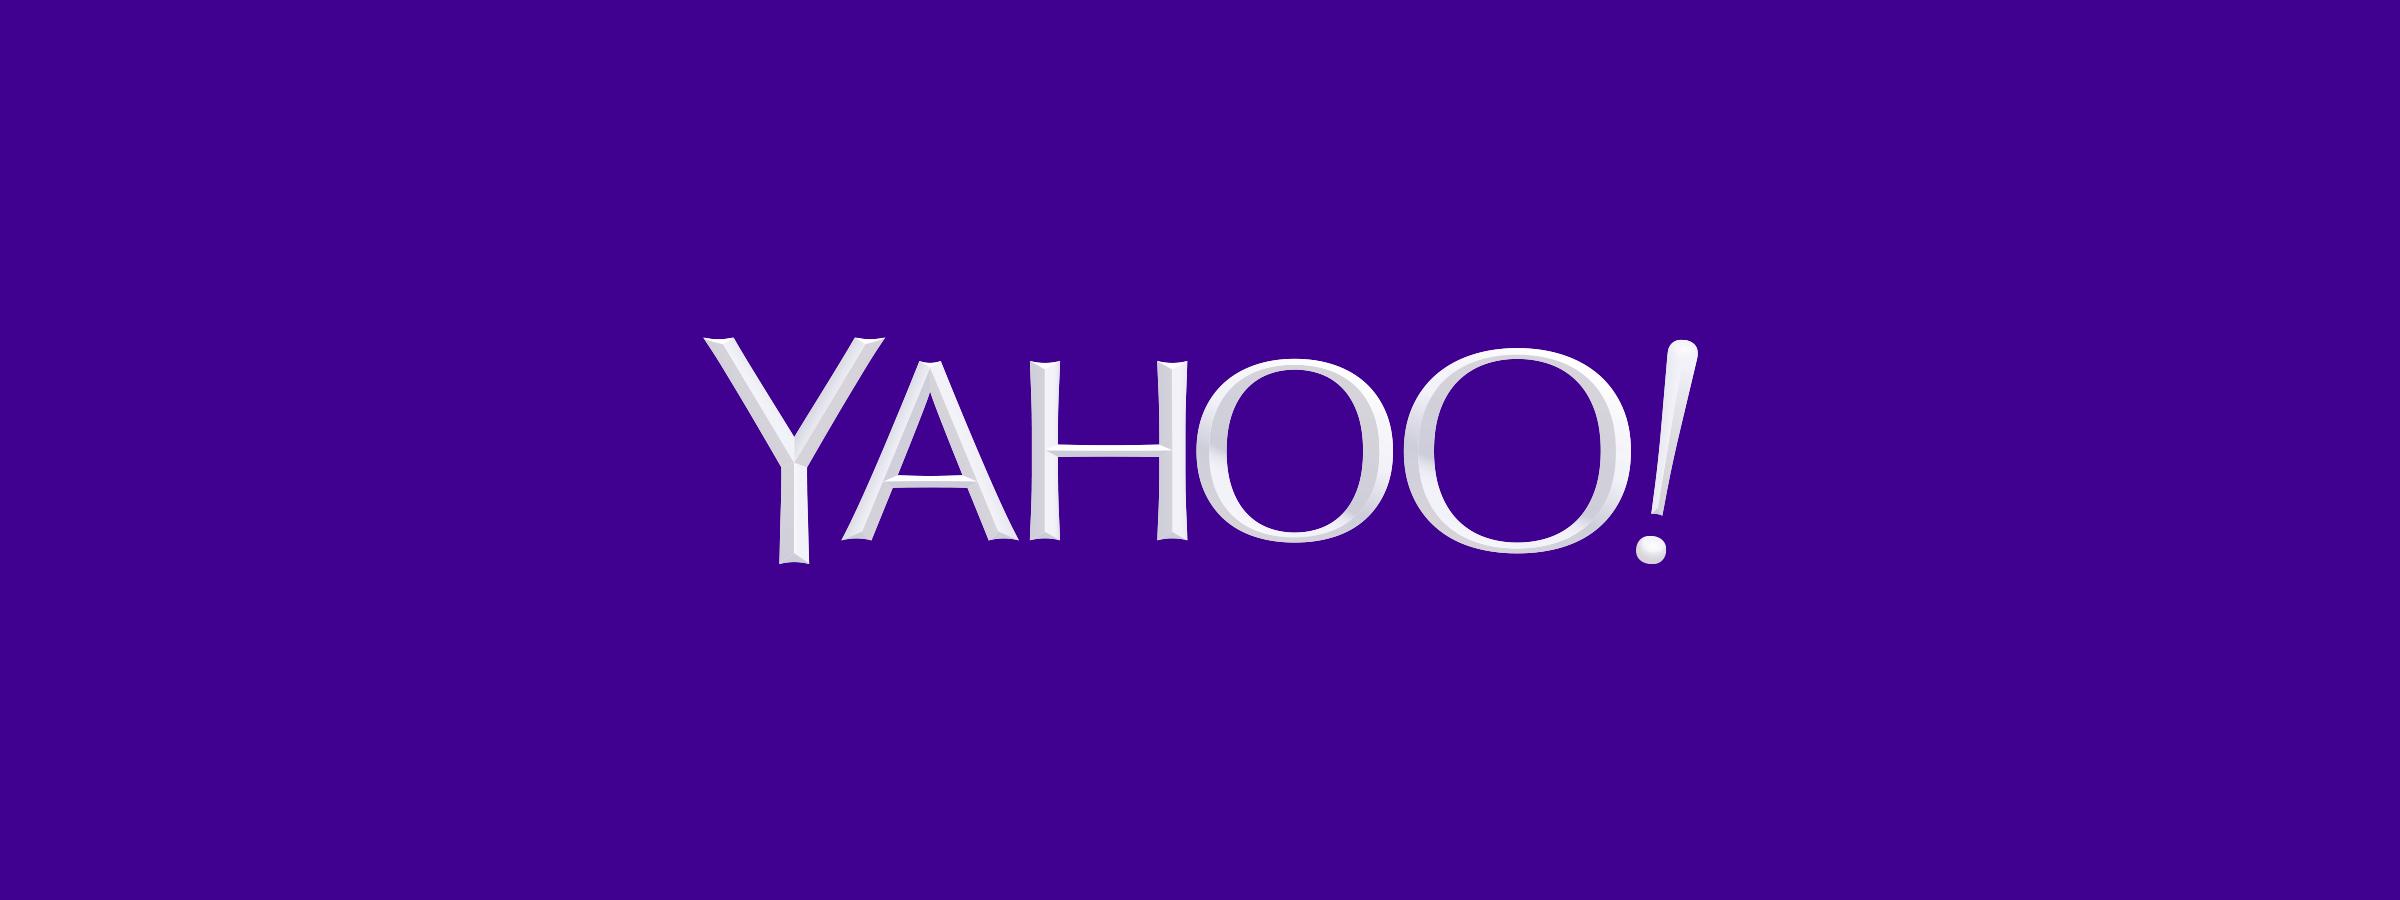 Yahoo 2400x900